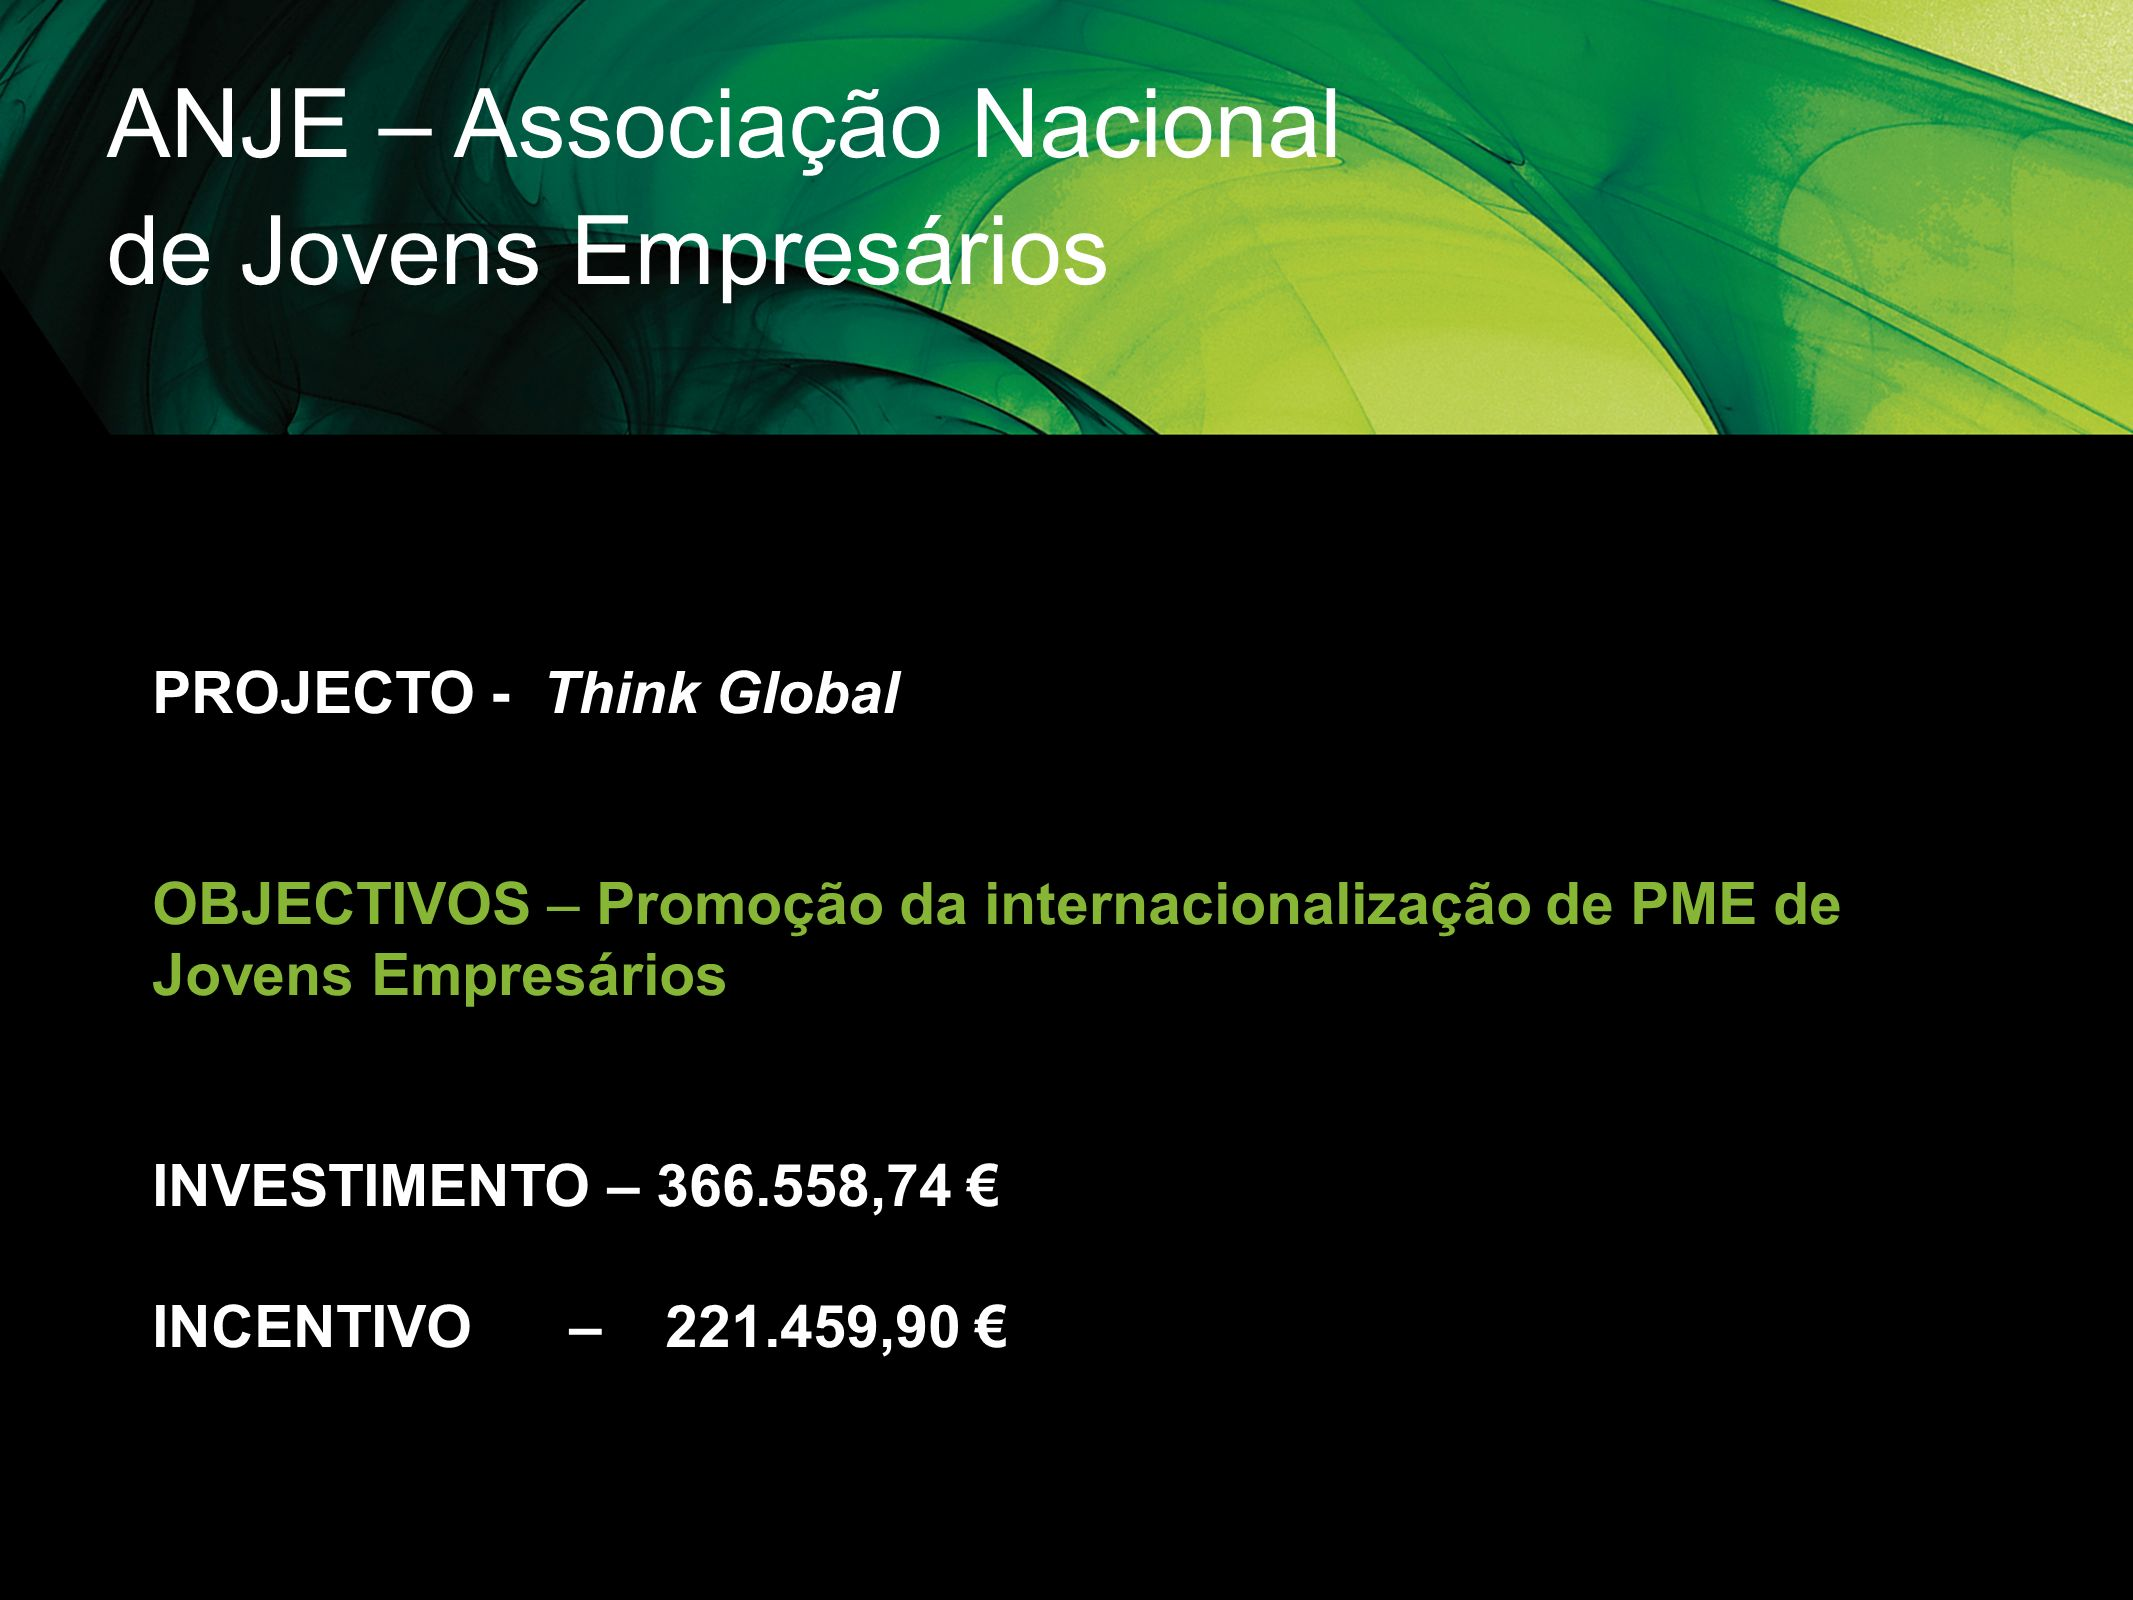 ANJE – Associação Nacional de Jovens Empresários